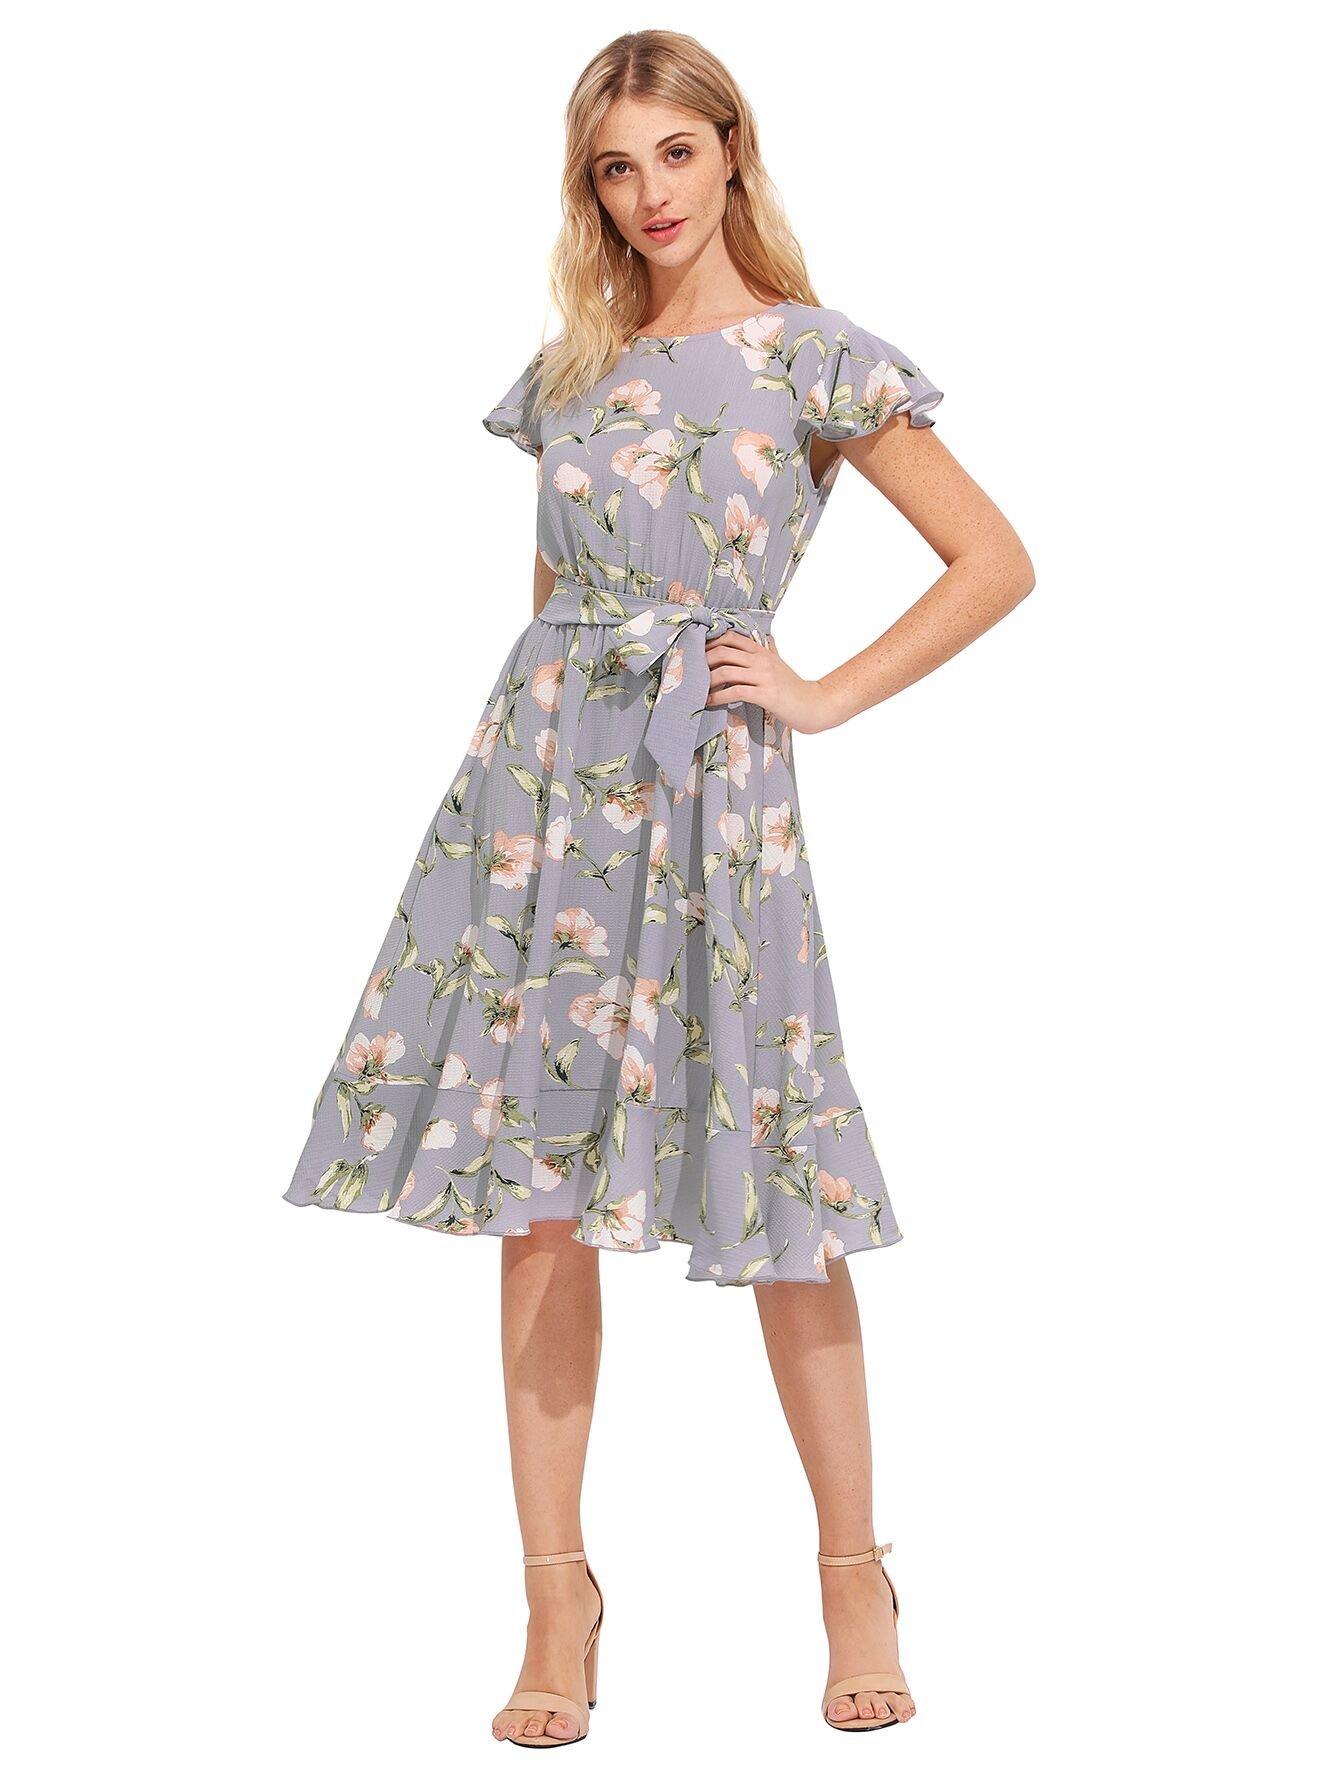 1d590dd6d06 Floerns Women s Floral Print Ruffle Tie Waist Summer Chiffon Dress Grey M